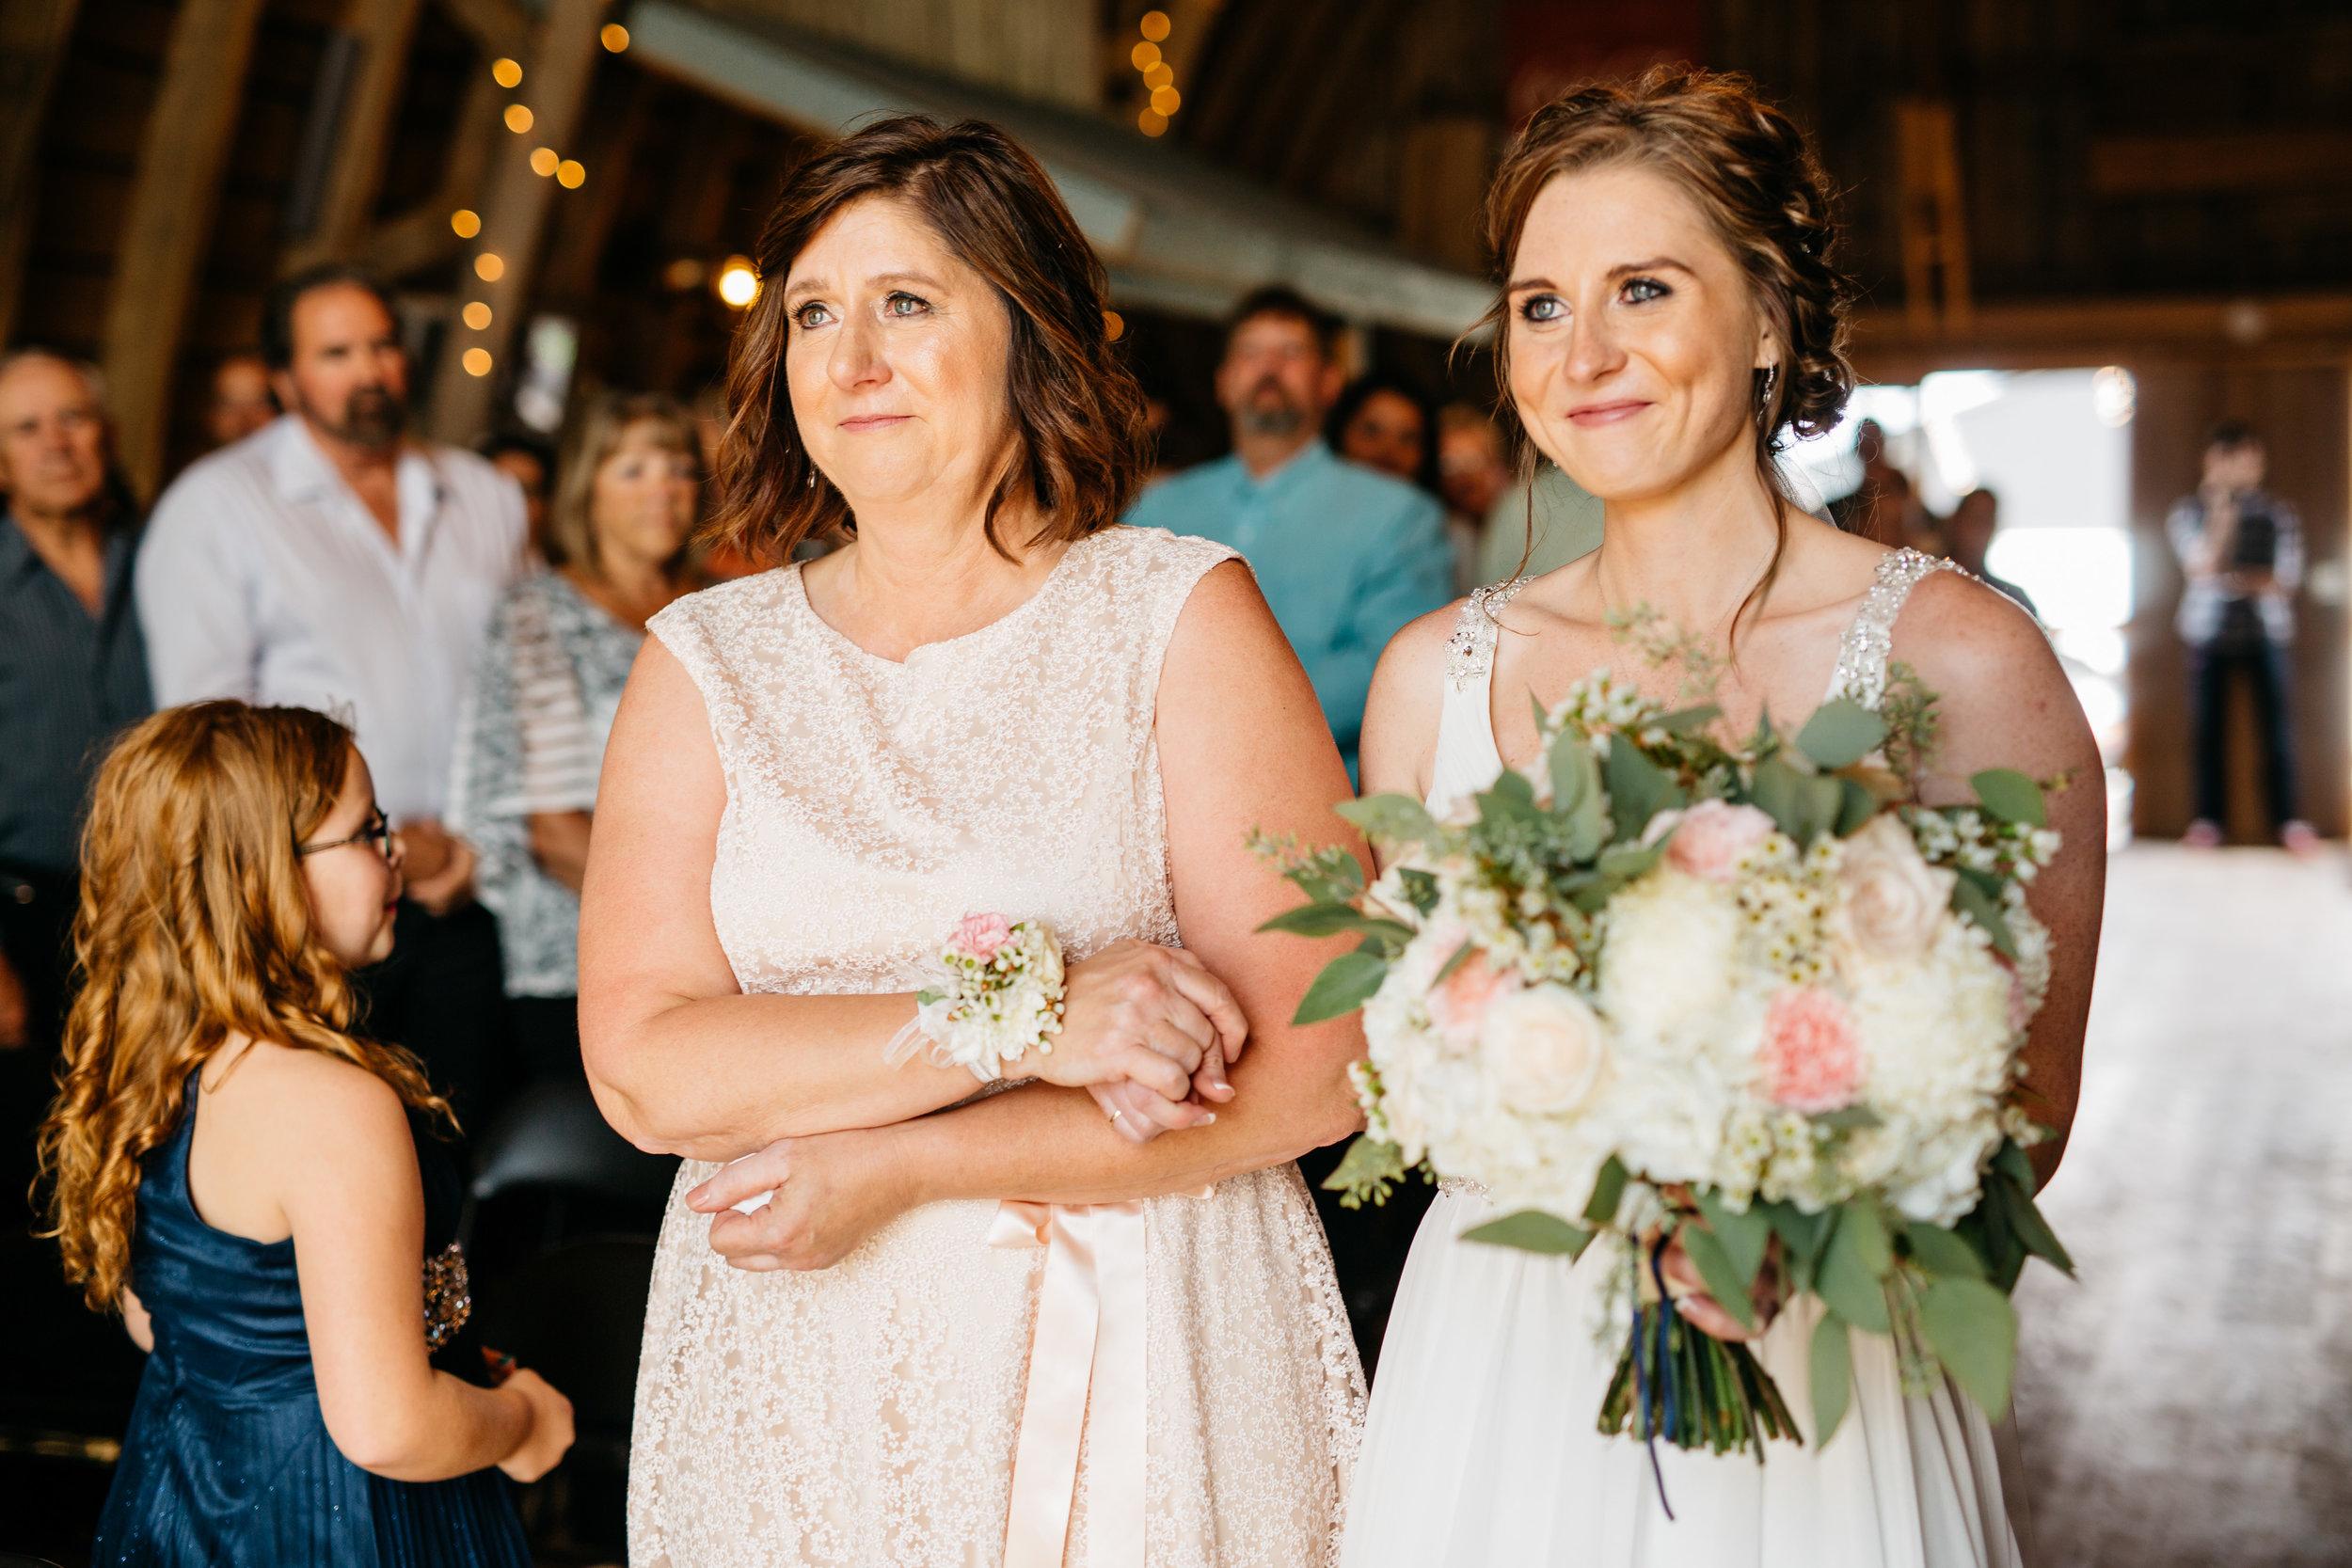 rigenhagen-wedding-317.jpg